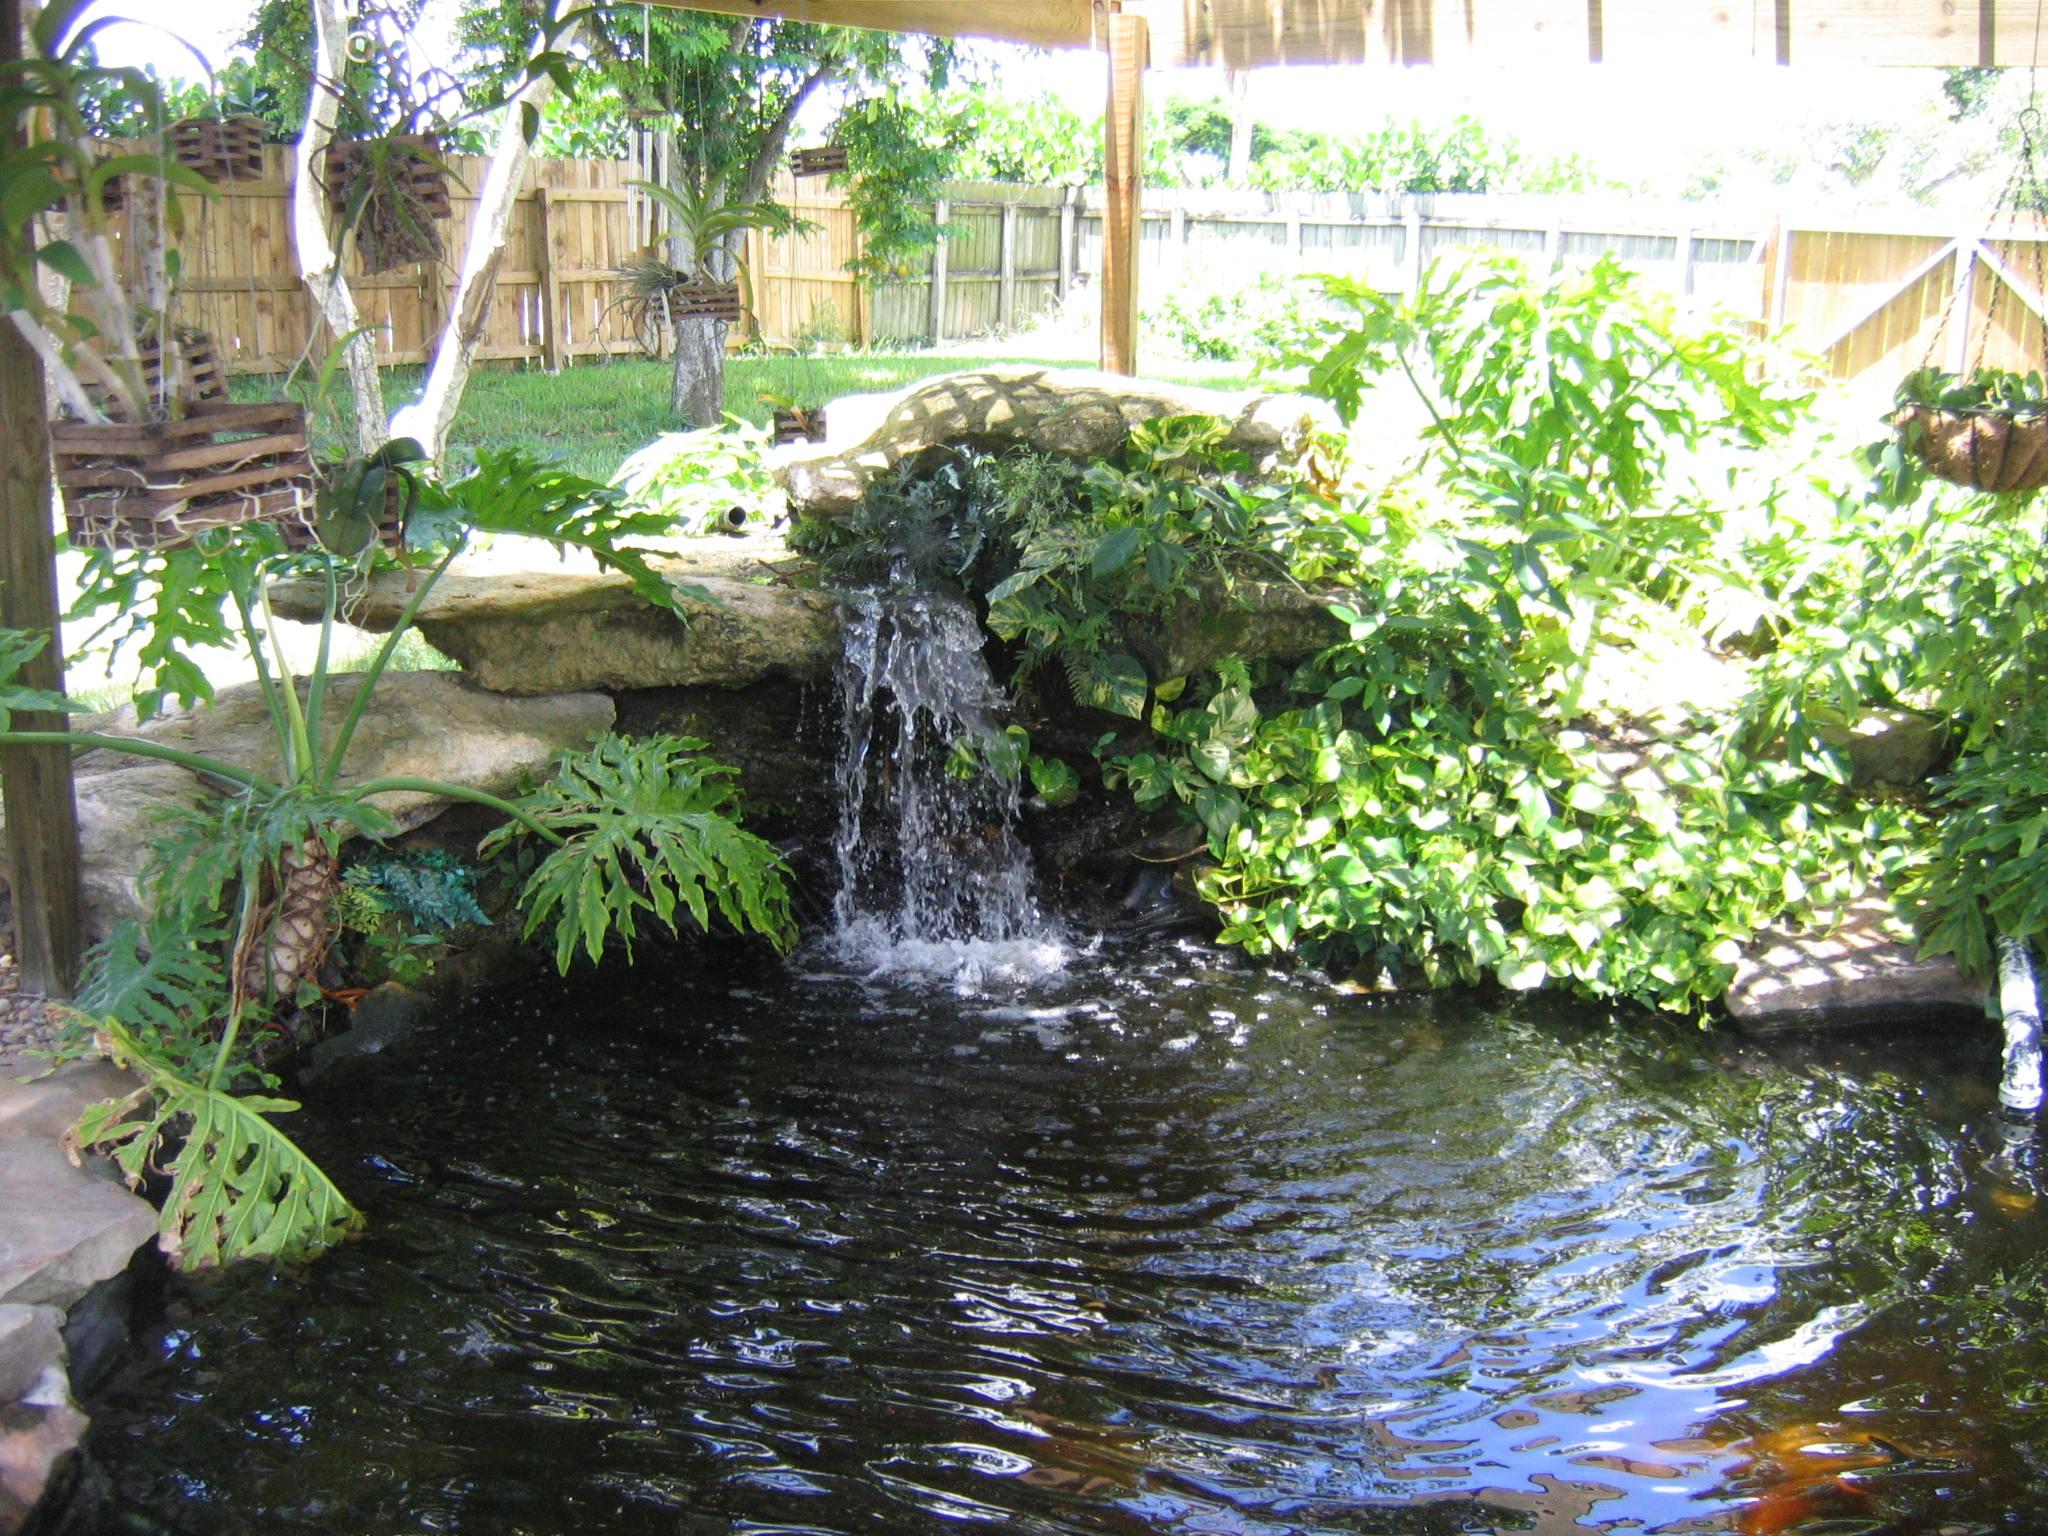 Garden pond photo # 18